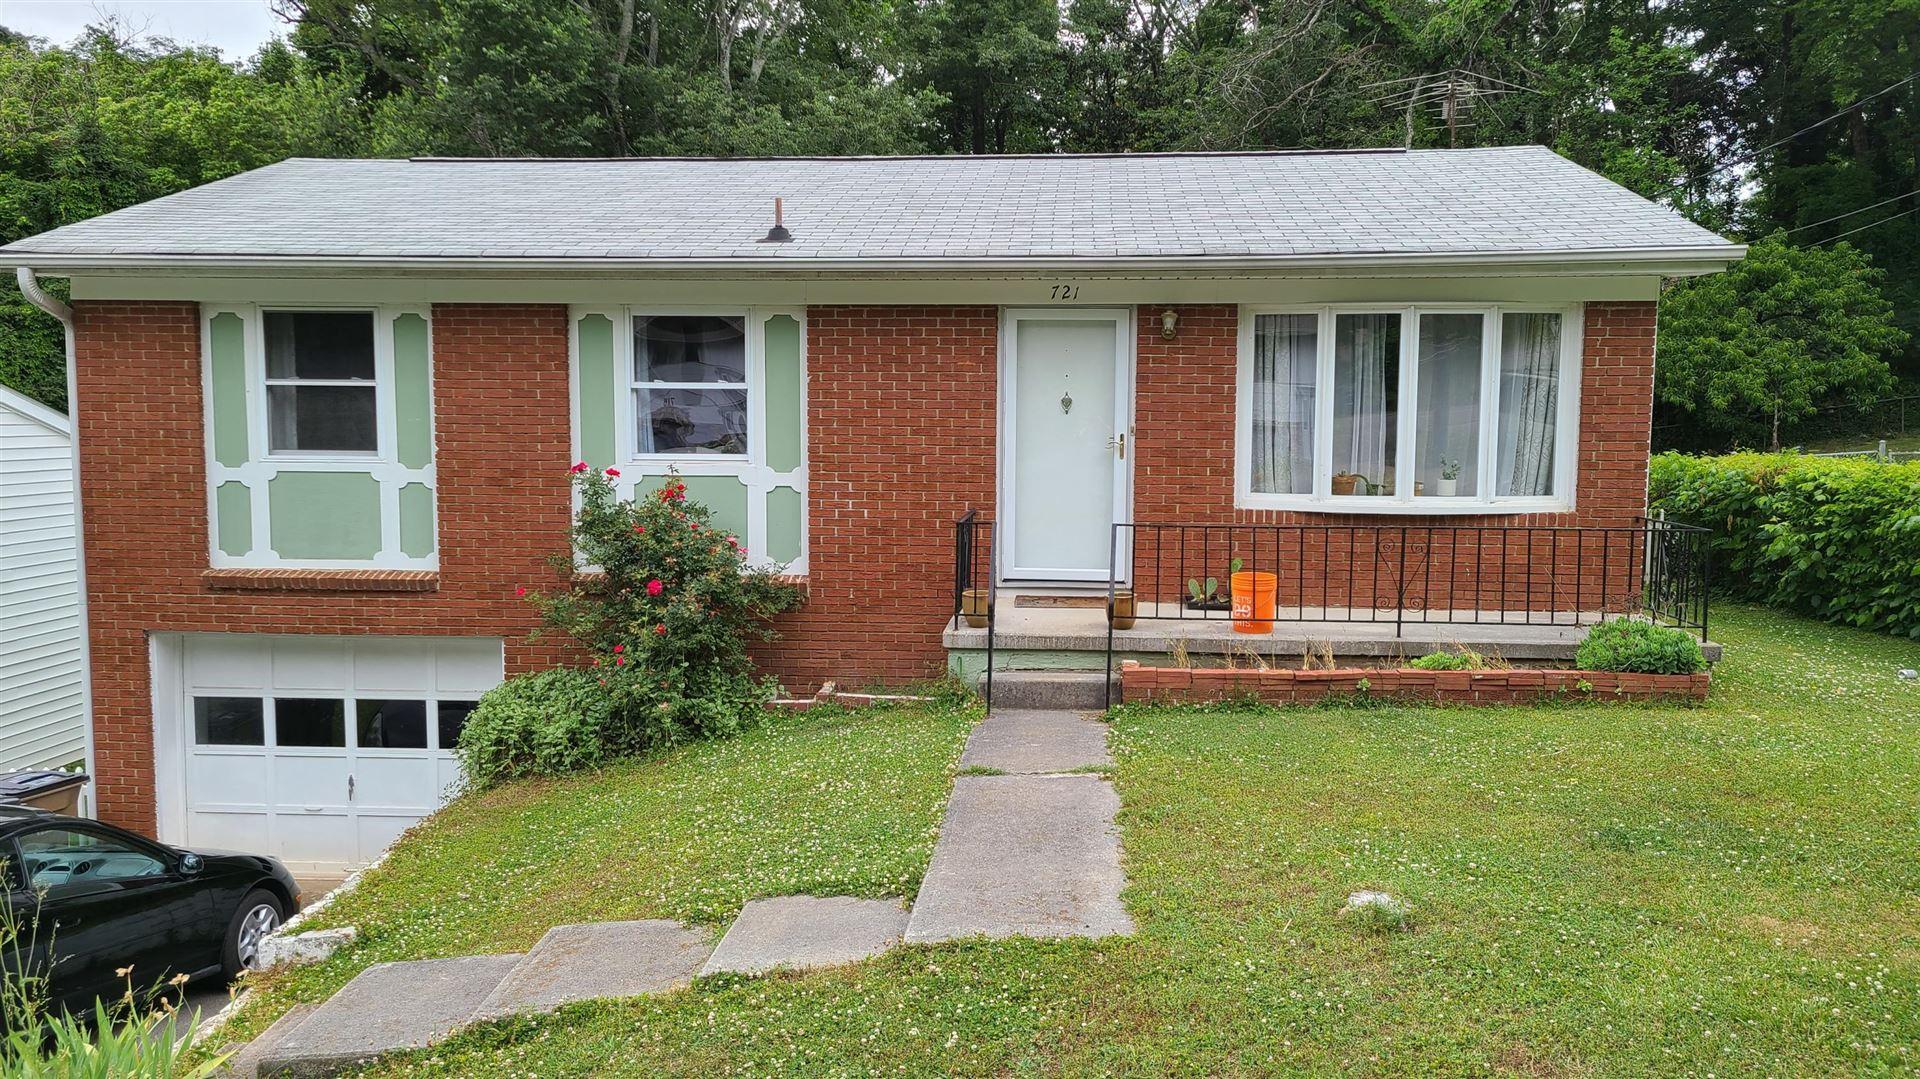 Photo of 721 Lippencott St, Knoxville, TN 37920 (MLS # 1155883)